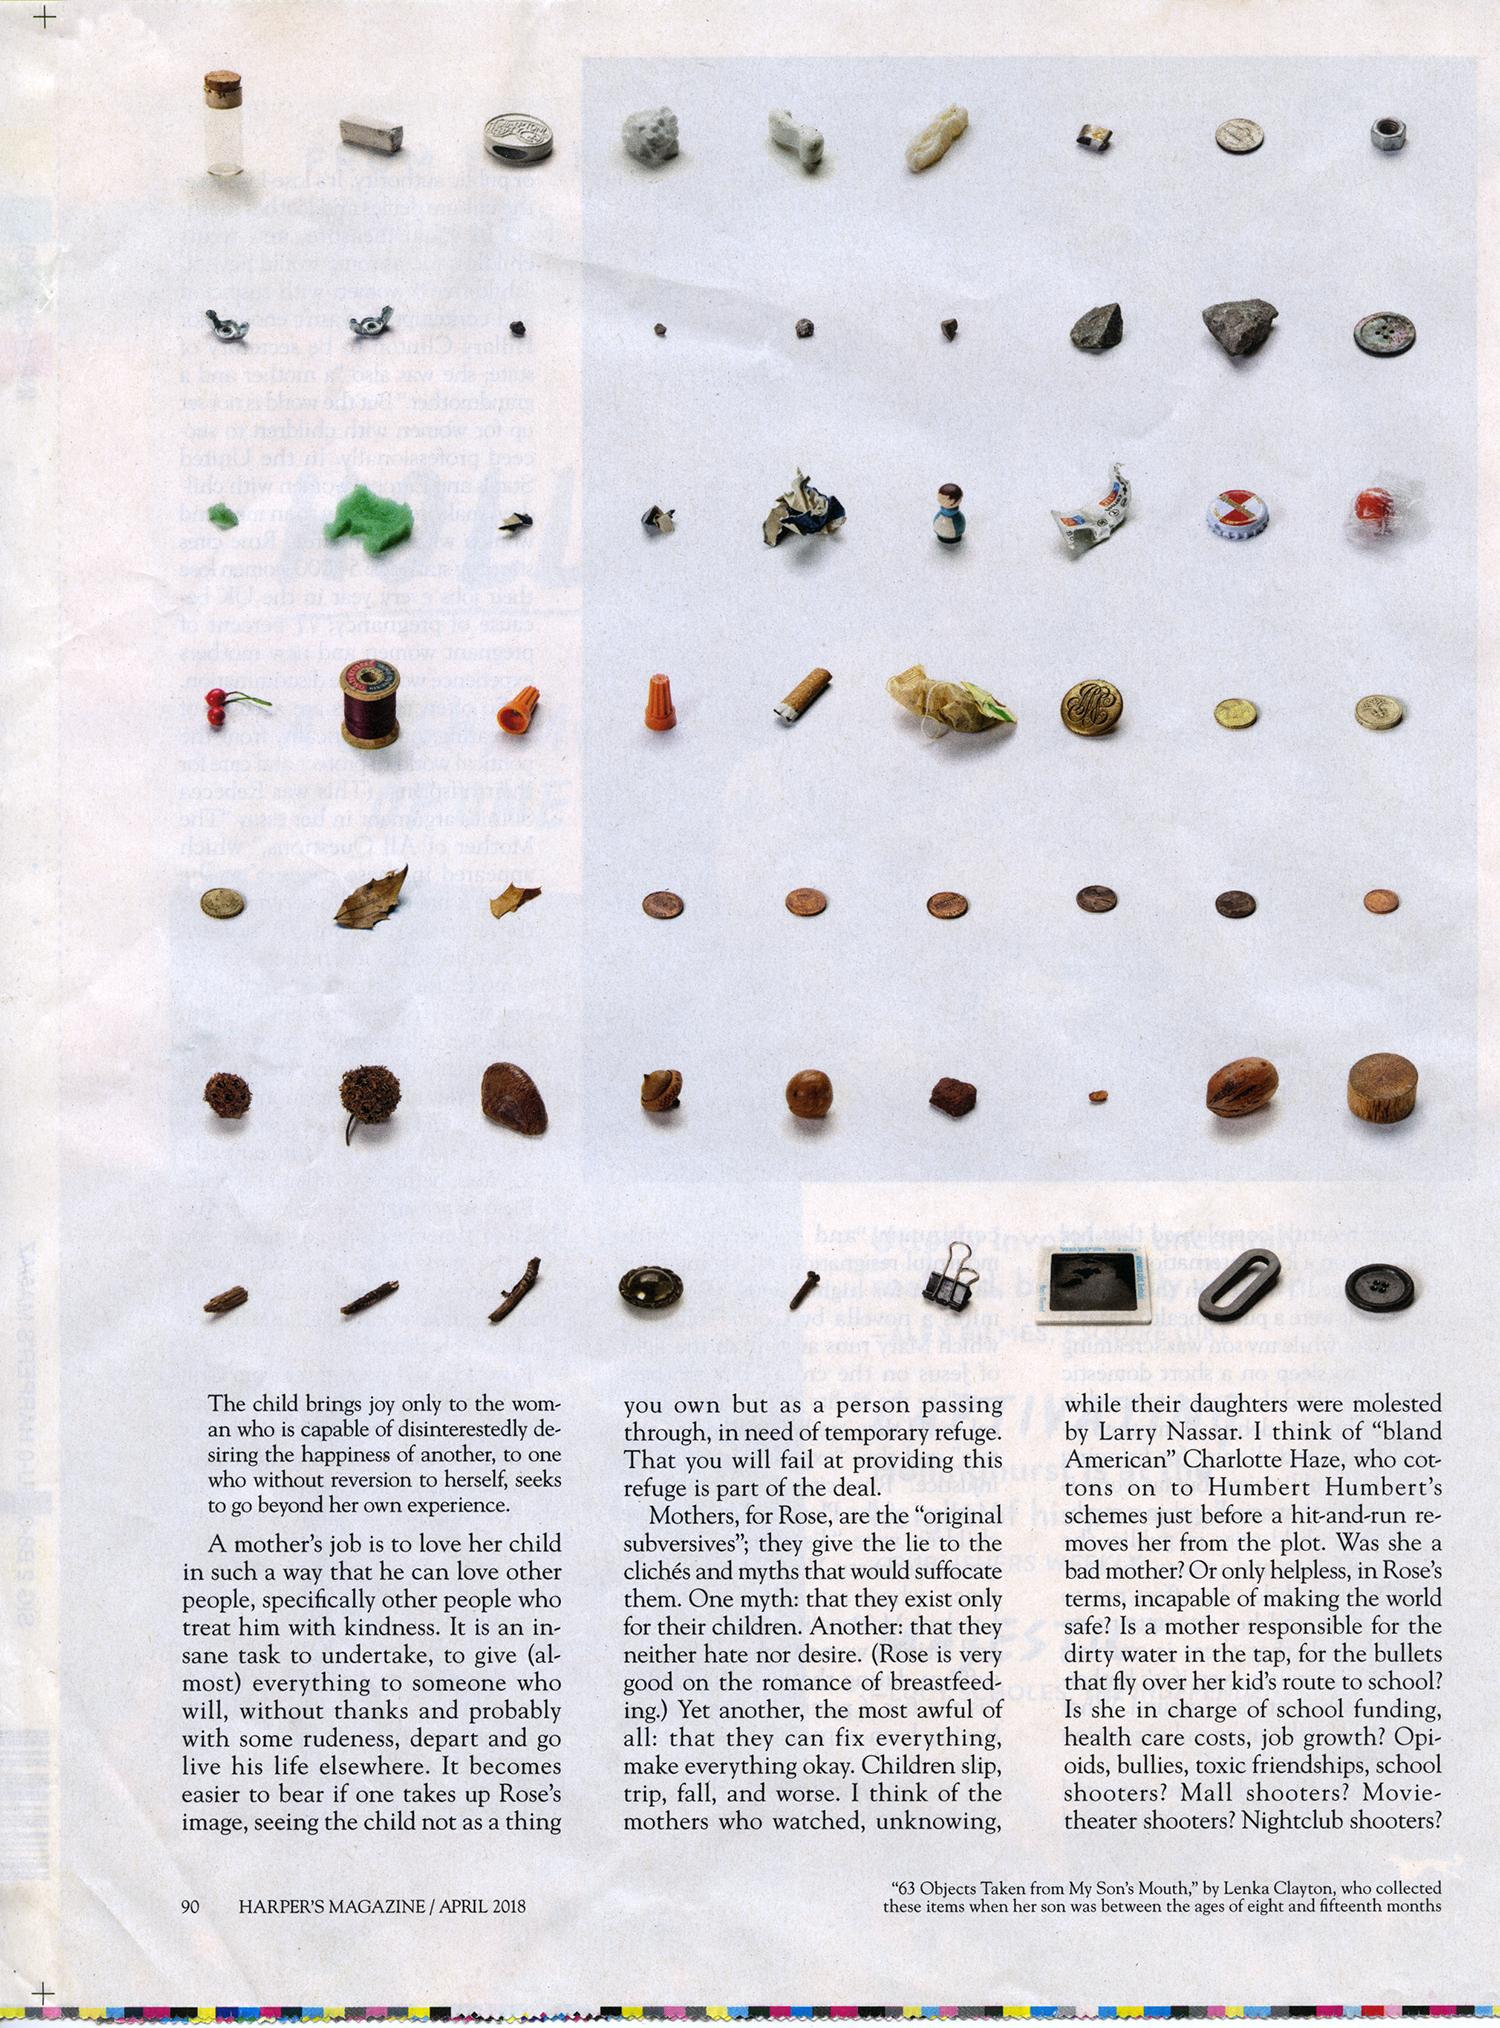 Harpers_63_objects.jpg